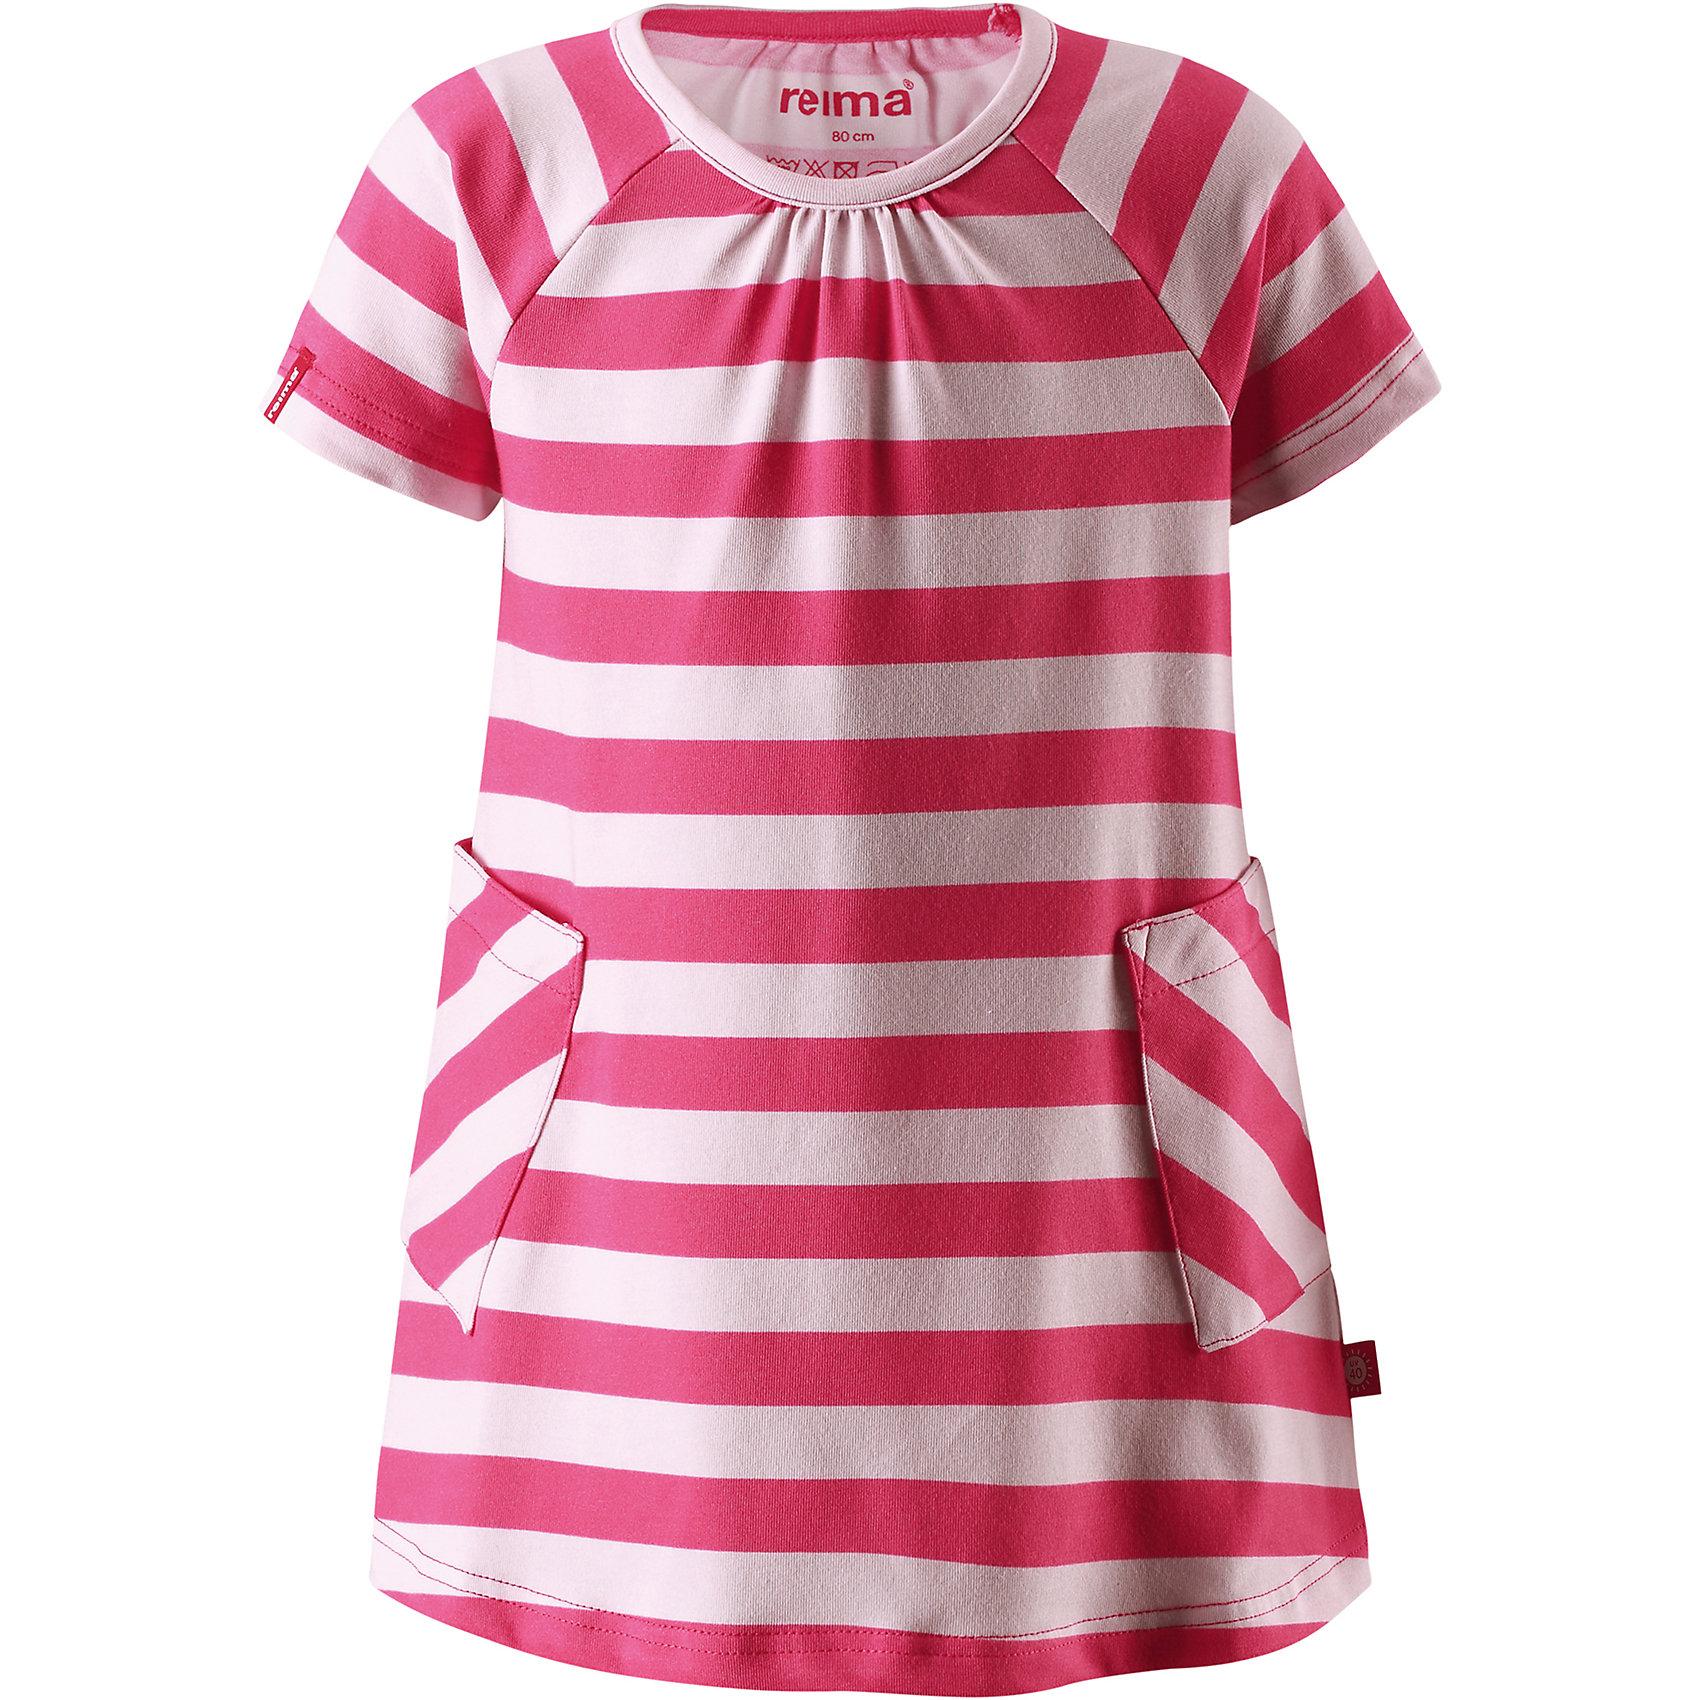 Платье Haili для девочки ReimaОдежда<br>Характеристики товара:<br><br>• цвет: красный<br>• состав: 65% хлопок, 30% полиэстер, 5% эластан<br>• фактор защиты от ультрафиолета 40+<br>• быстросохнущий, приятный на ощупь материал Play Jersey<br>• приятная на ощупь хлопковая поверхность<br>• влагоотводящая изнаночная сторона<br>• трапециевидный силуэт<br>• два накладных кармана<br>• страна бренда: Финляндия<br>• страна производства: Китай<br><br>Одежда может быть модной и комфортной одновременно! Удобное симпатичное платье поможет обеспечить ребенку комфорт - оно не стесняет движения и удобно сидит. Стильный дизайн разрабатывался специально для детей.<br><br>Уход:<br><br>• стирать и гладить, вывернув наизнанку<br>• стирать с бельем одинакового цвета<br>• стирать моющим средством, не содержащим отбеливающие вещества<br>• полоскать без специального средства<br>• придать первоначальную форму вo влажном виде.<br><br>Платье для девочки от финского бренда Reima (Рейма) можно купить в нашем интернет-магазине.<br><br>Ширина мм: 236<br>Глубина мм: 16<br>Высота мм: 184<br>Вес г: 177<br>Цвет: розовый<br>Возраст от месяцев: 60<br>Возраст до месяцев: 72<br>Пол: Женский<br>Возраст: Детский<br>Размер: 116,86,110,128,104,98,122,92,80<br>SKU: 5268190